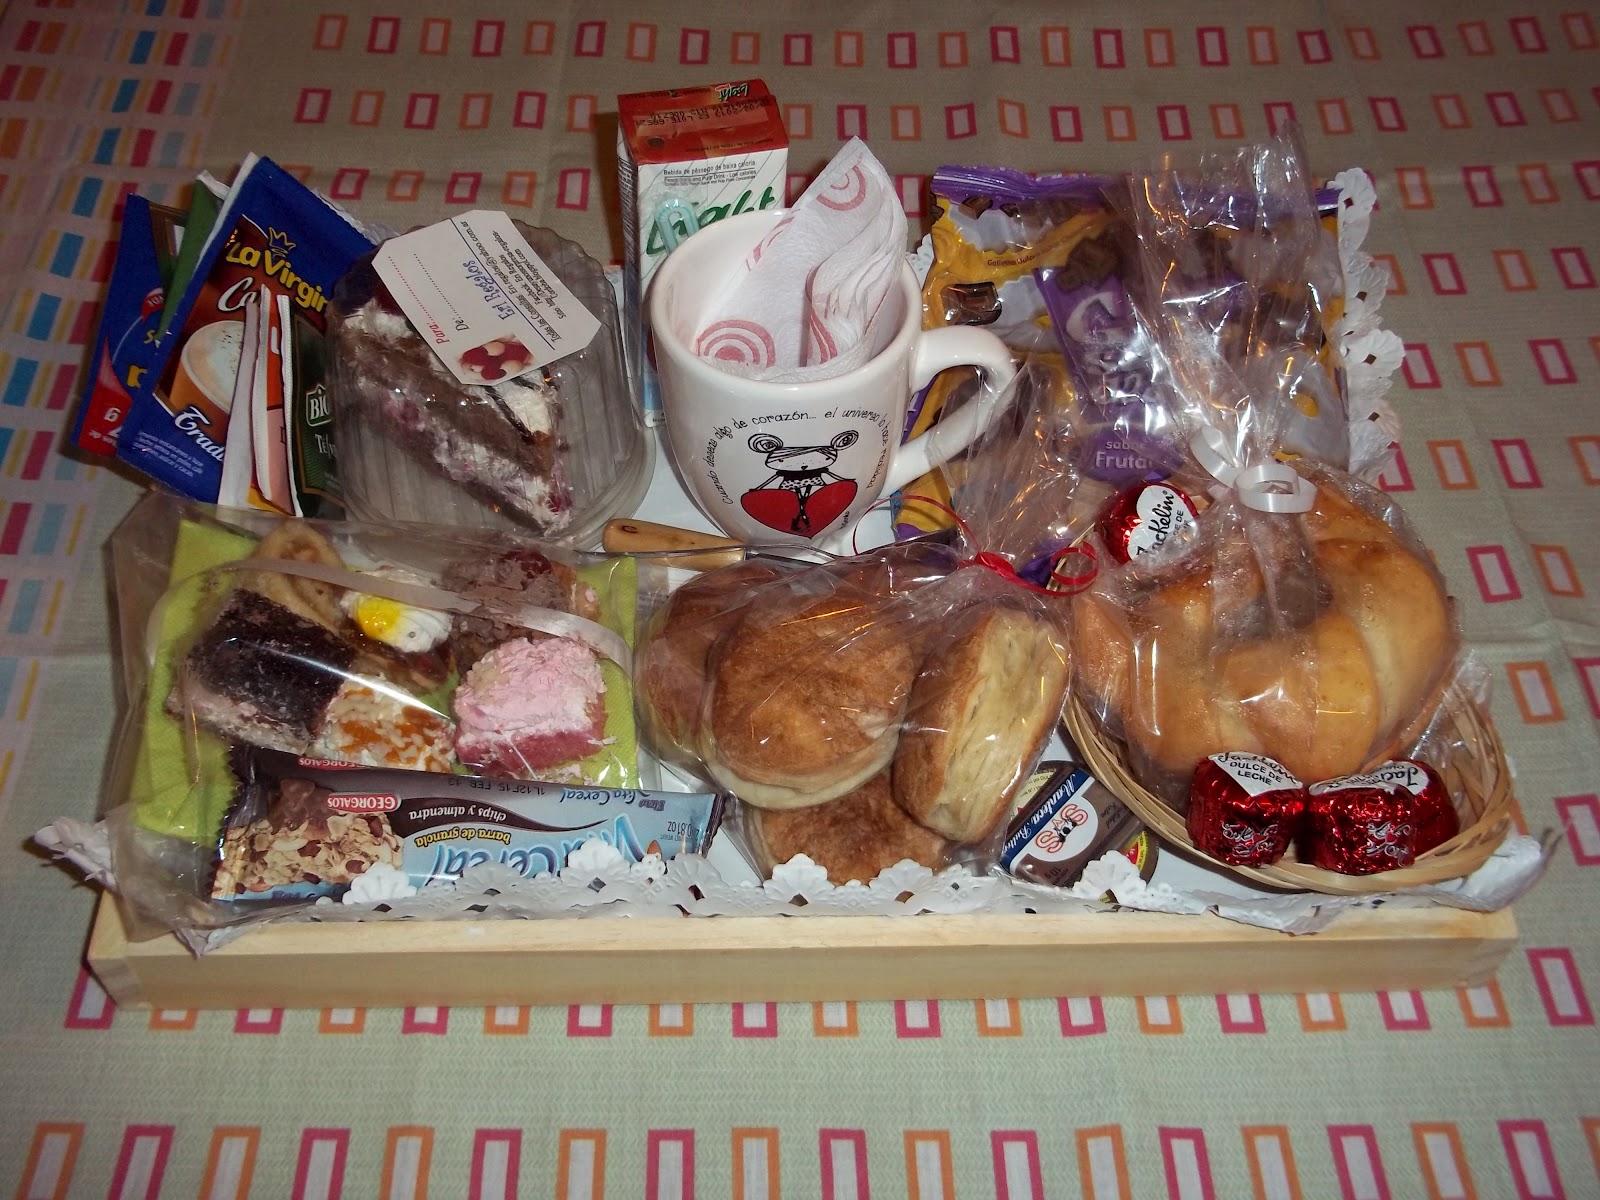 Desayunos y regalos sorpresa a domicilio un dulce caroldoey - Desayuno sorpresa madrid ...